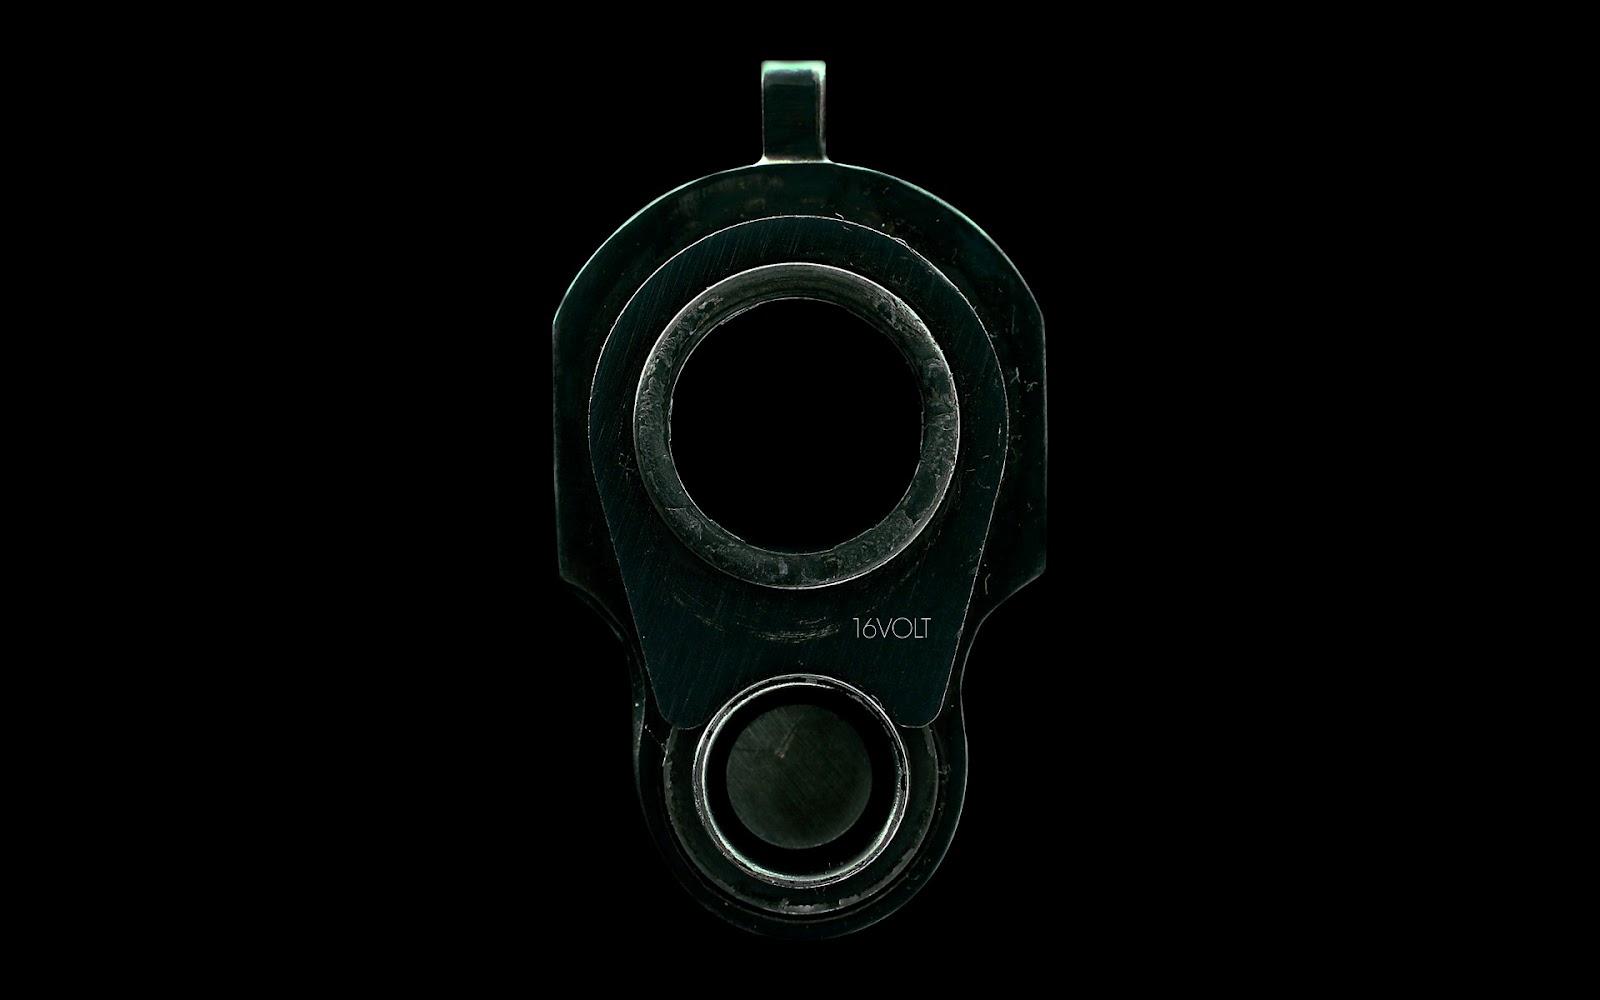 дуло пистолета, скачать фото, обои для рабочего стола, hand gun wallpaper